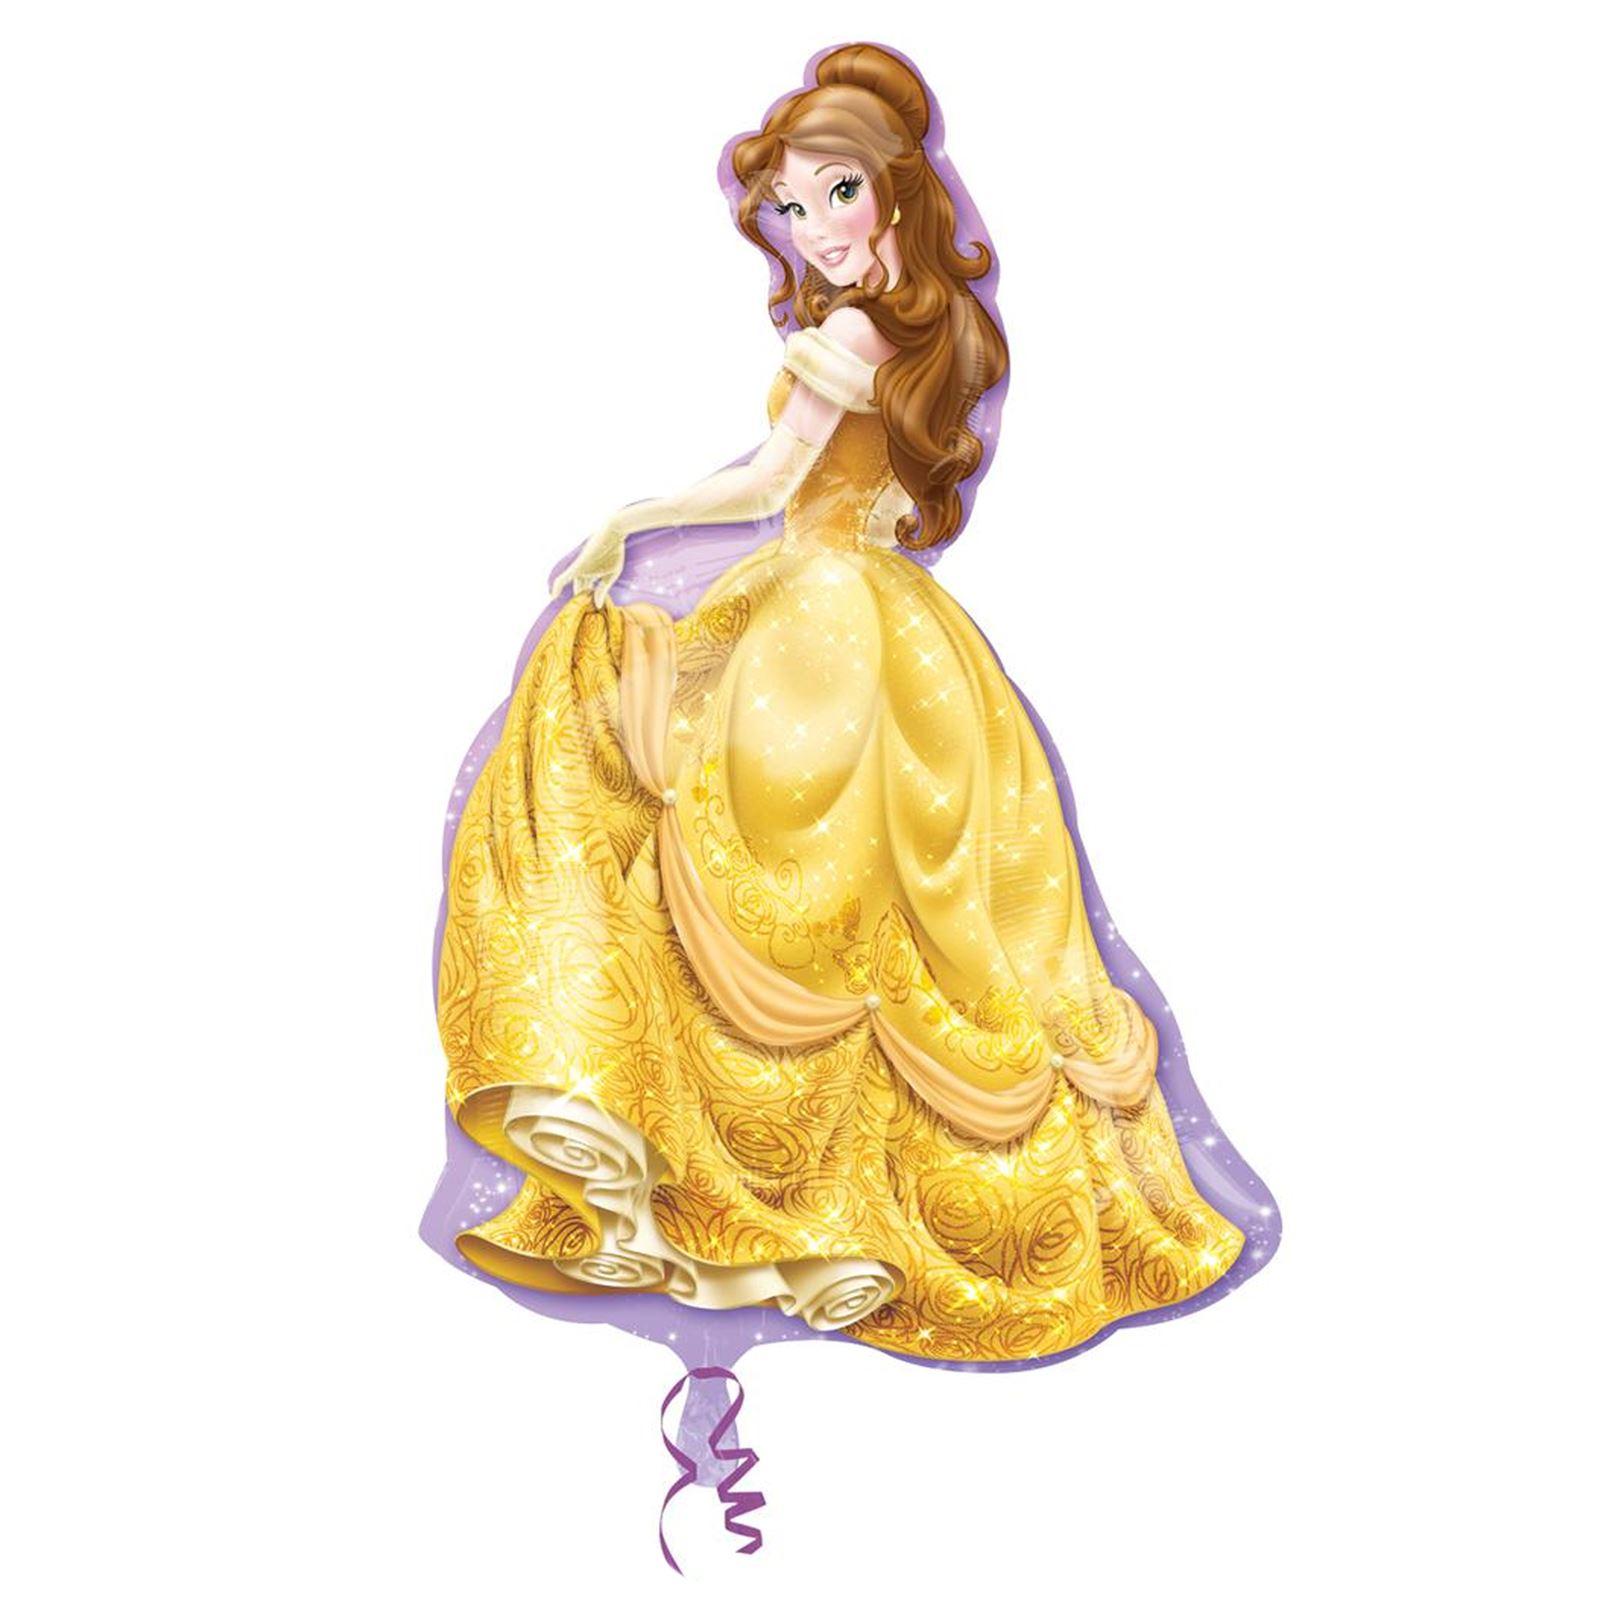 Officiel-disney-princesse-plat-ballon-geant-cadeau-filles-fete-d-039-anniversaire-decoration miniature 9